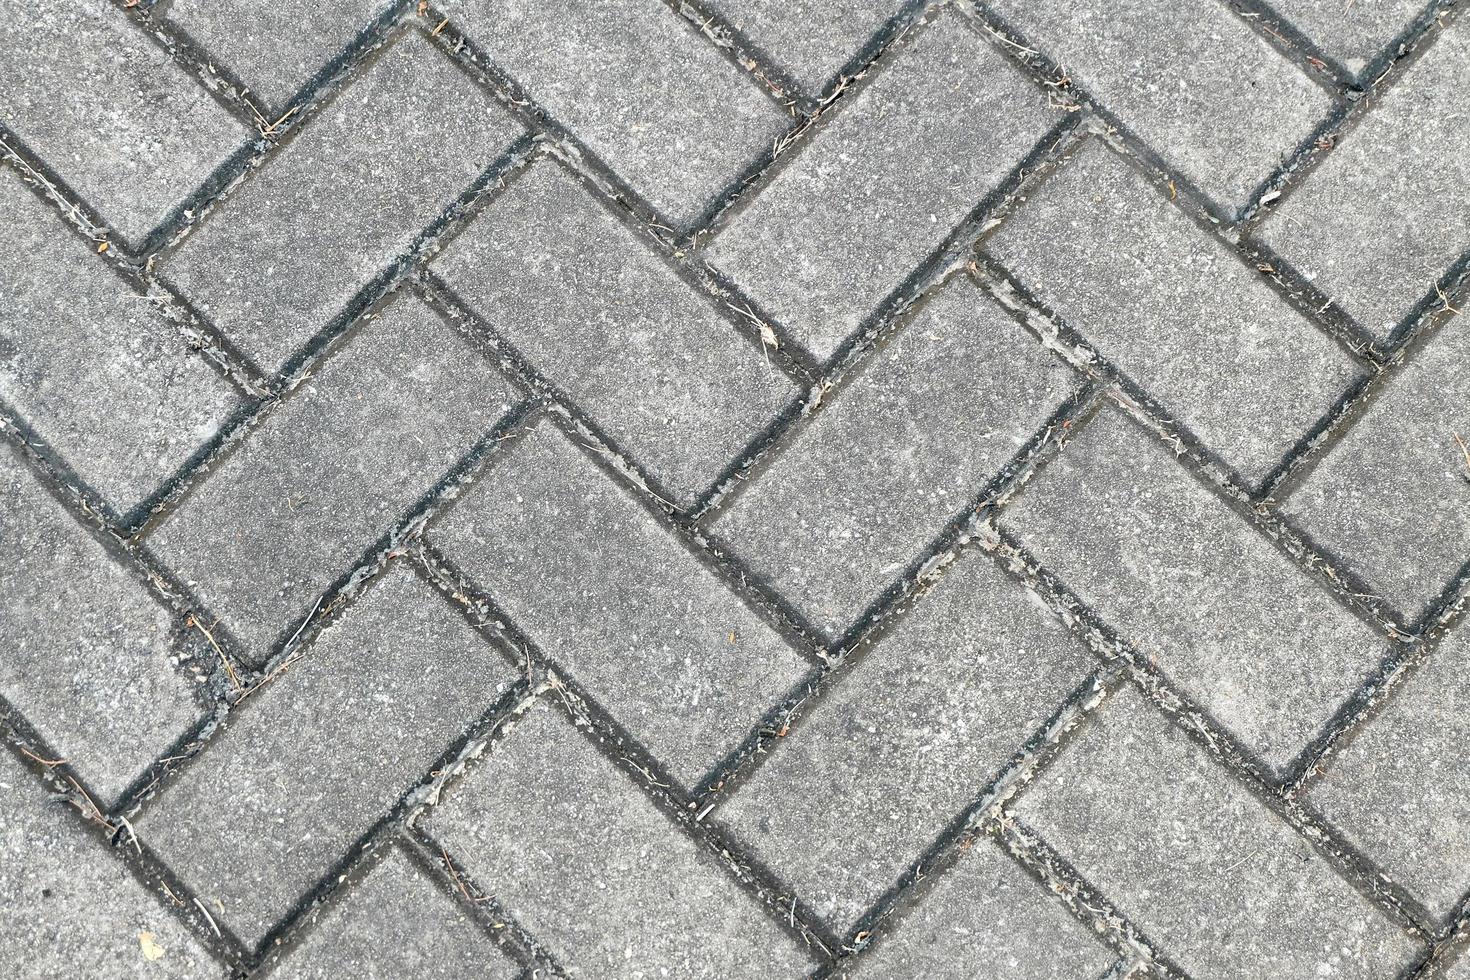 Ziegelbodenmuster - Hintergrundbeschaffenheit foto